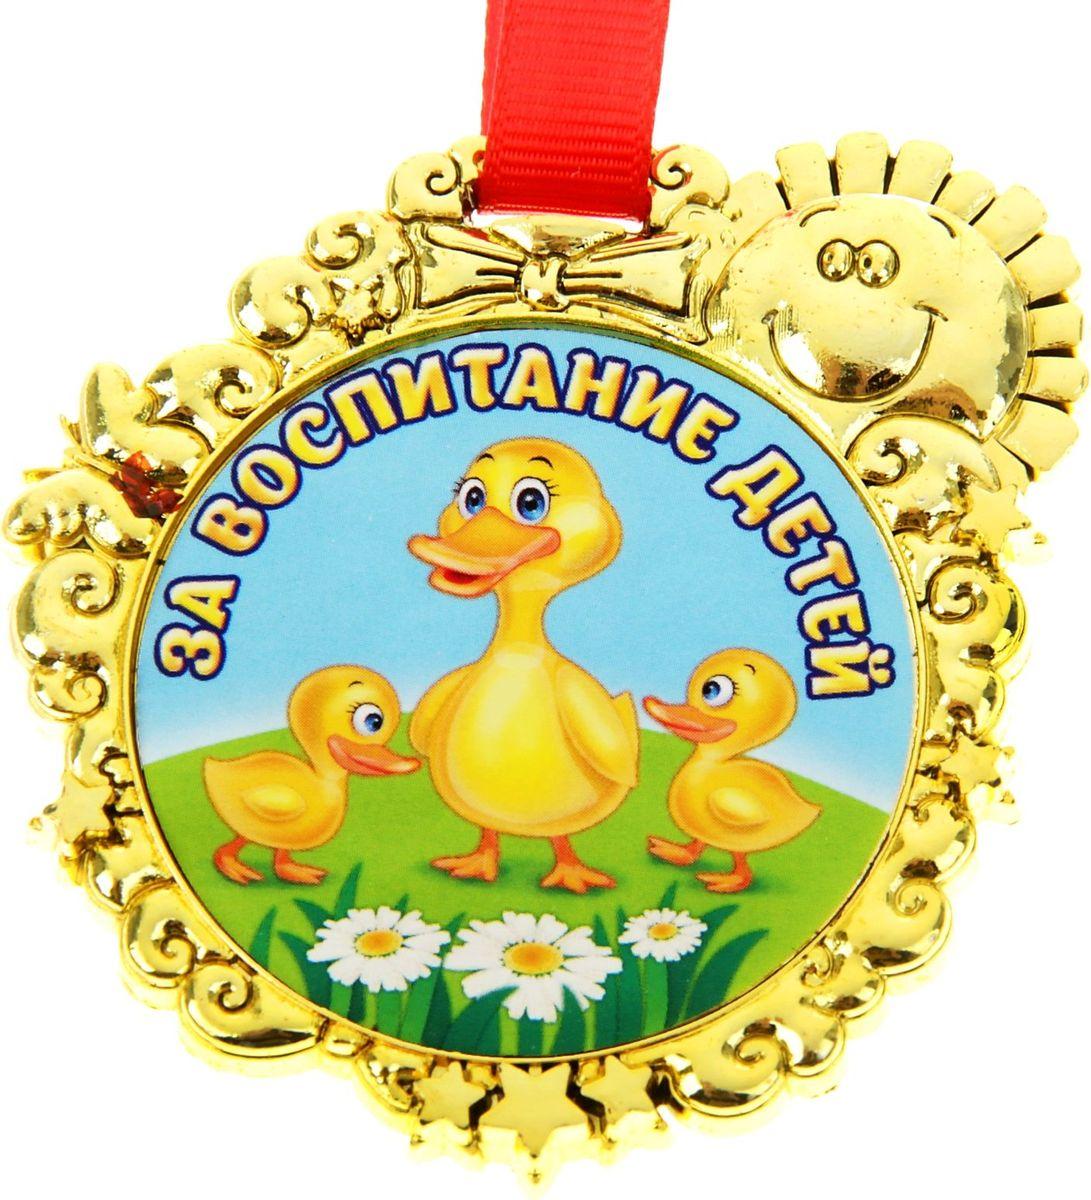 Медаль сувенирная За воспитание детей, 6,5 х 6,7 см837412Красочная медаль в золотом цвете для награждение как самих детишек так и их воспитателей во время проведения конкурсов, утренников, открытых занятий с участием родственников малышей. Медаль изготовлена из пластика, с изображением солнца. Медаль идет в комплекте с яркой лентой. Продается на яркой подложке.